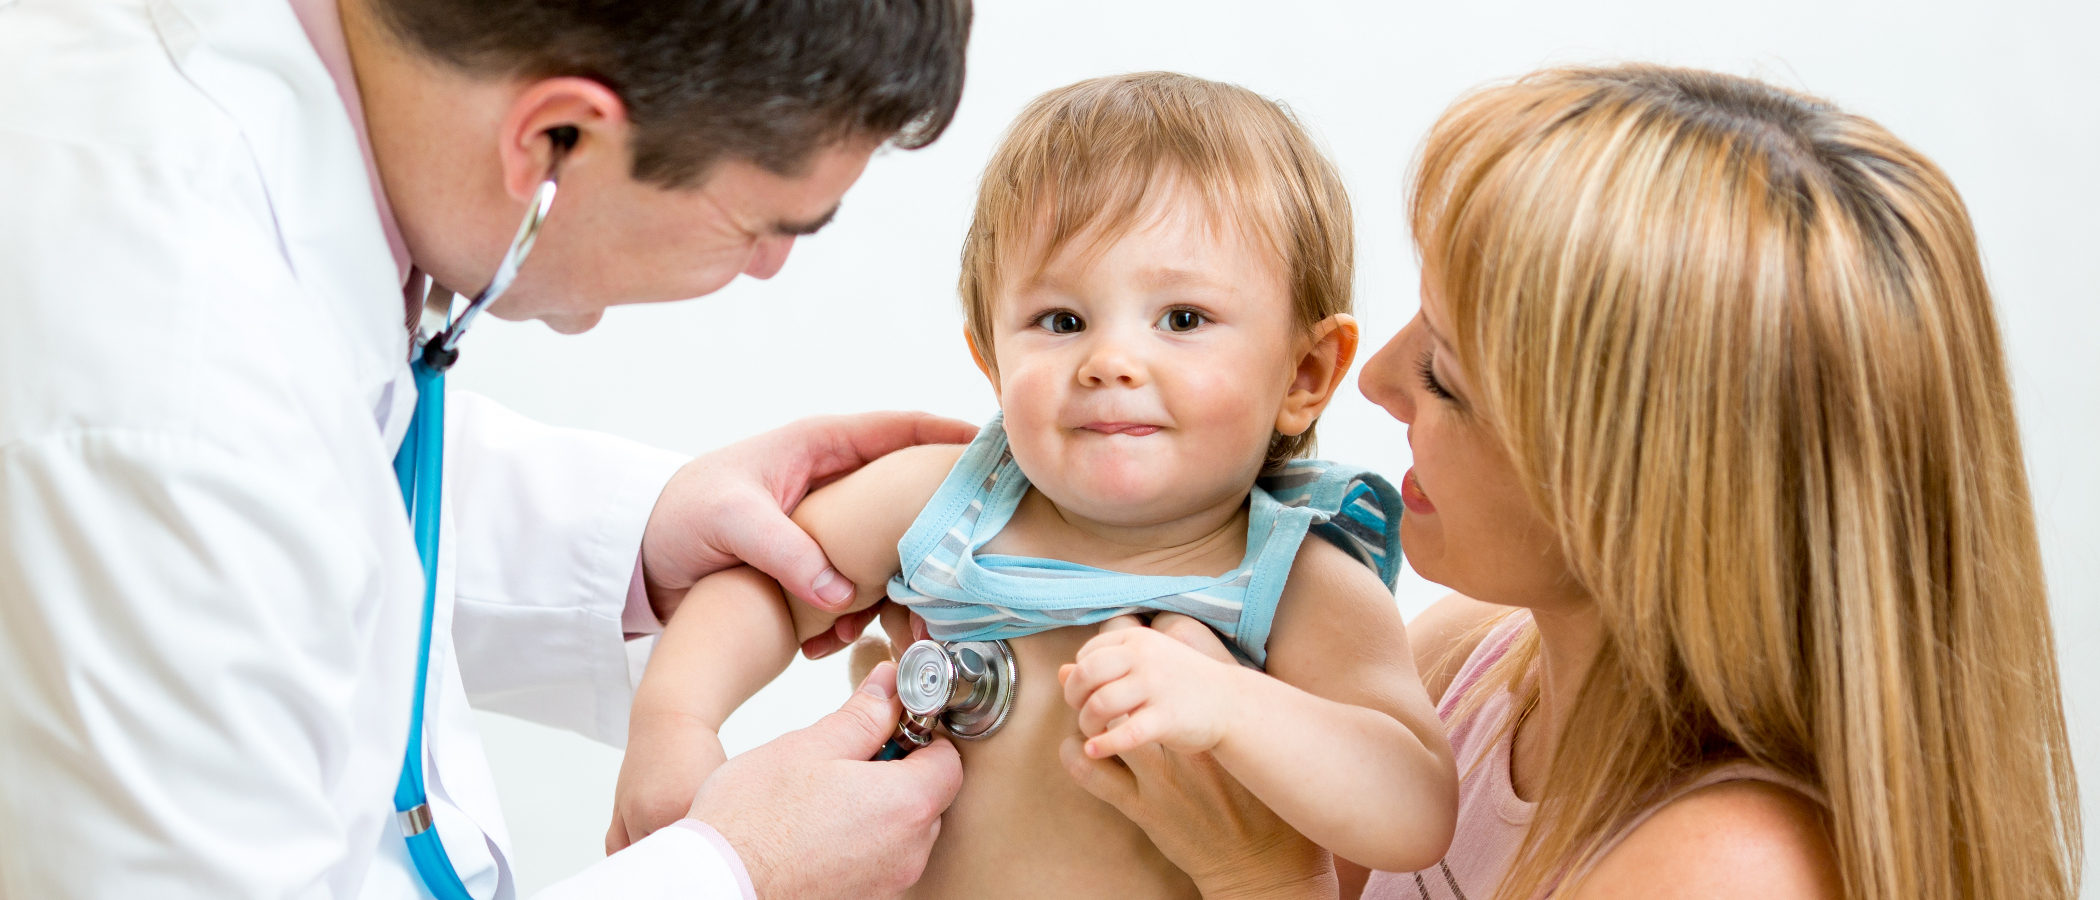 El crup en niños y bebés, ¿qué es esta enfermedad respiratoria?